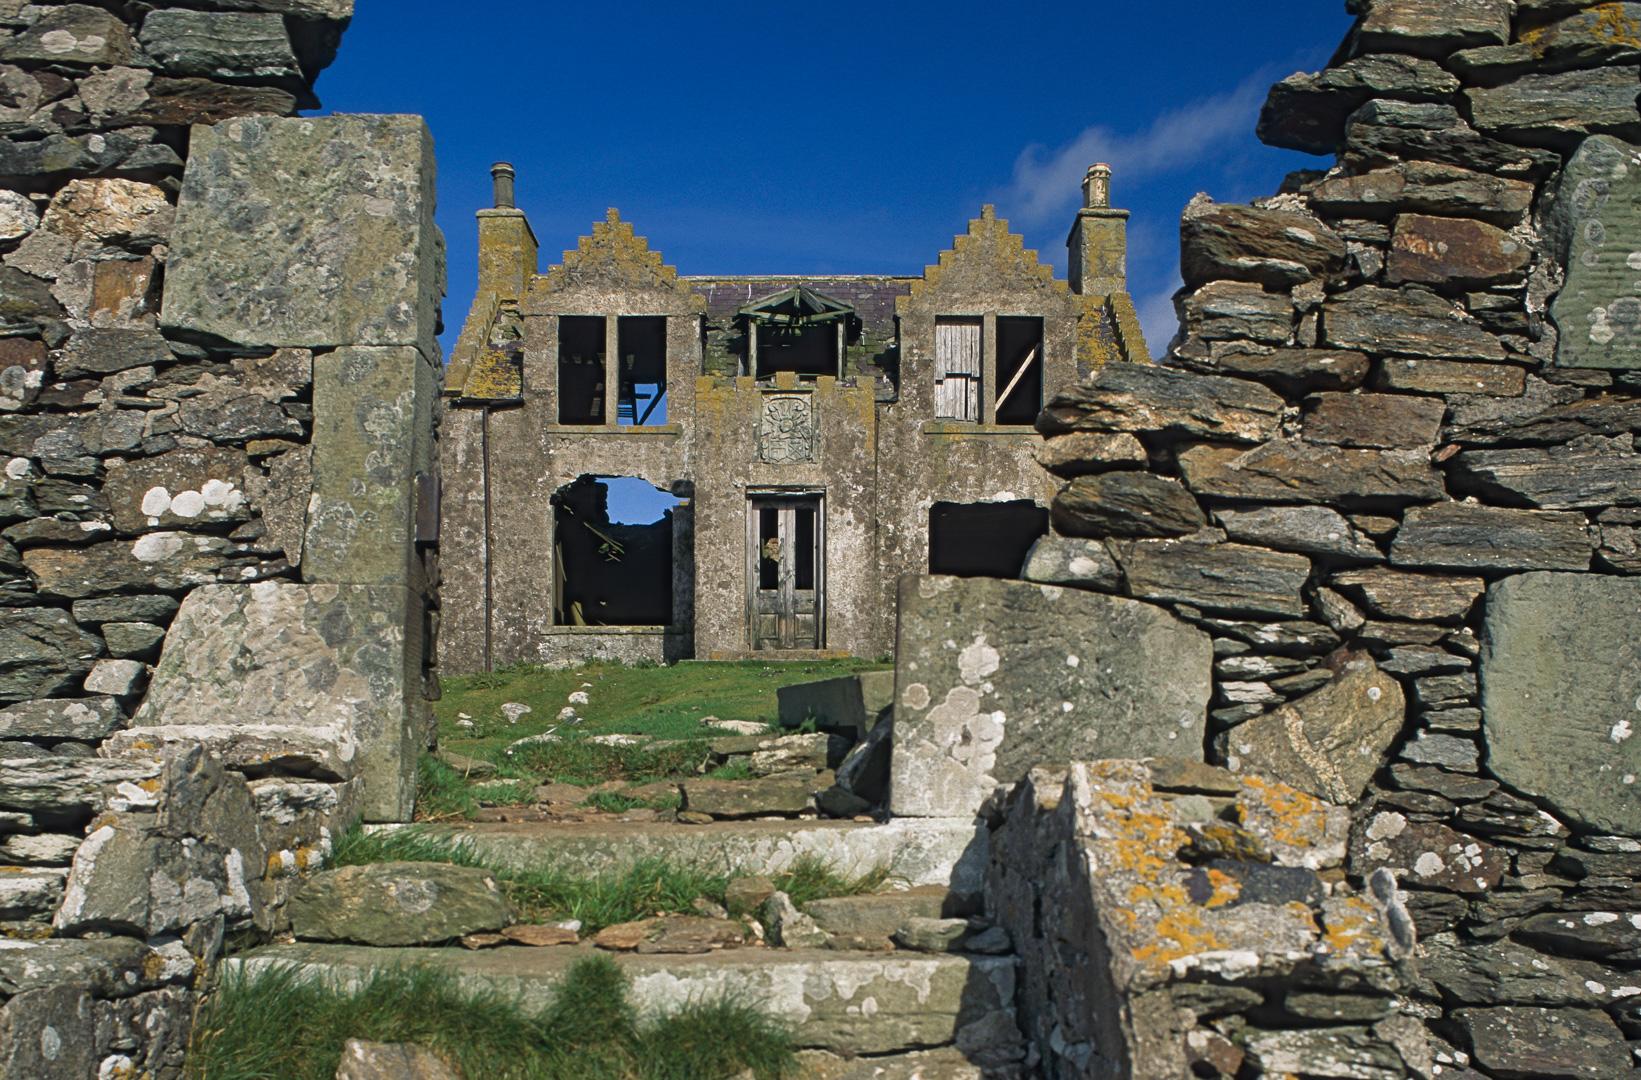 UK-Shetland England Island Windhouse Insel Schottland Geisterhaus